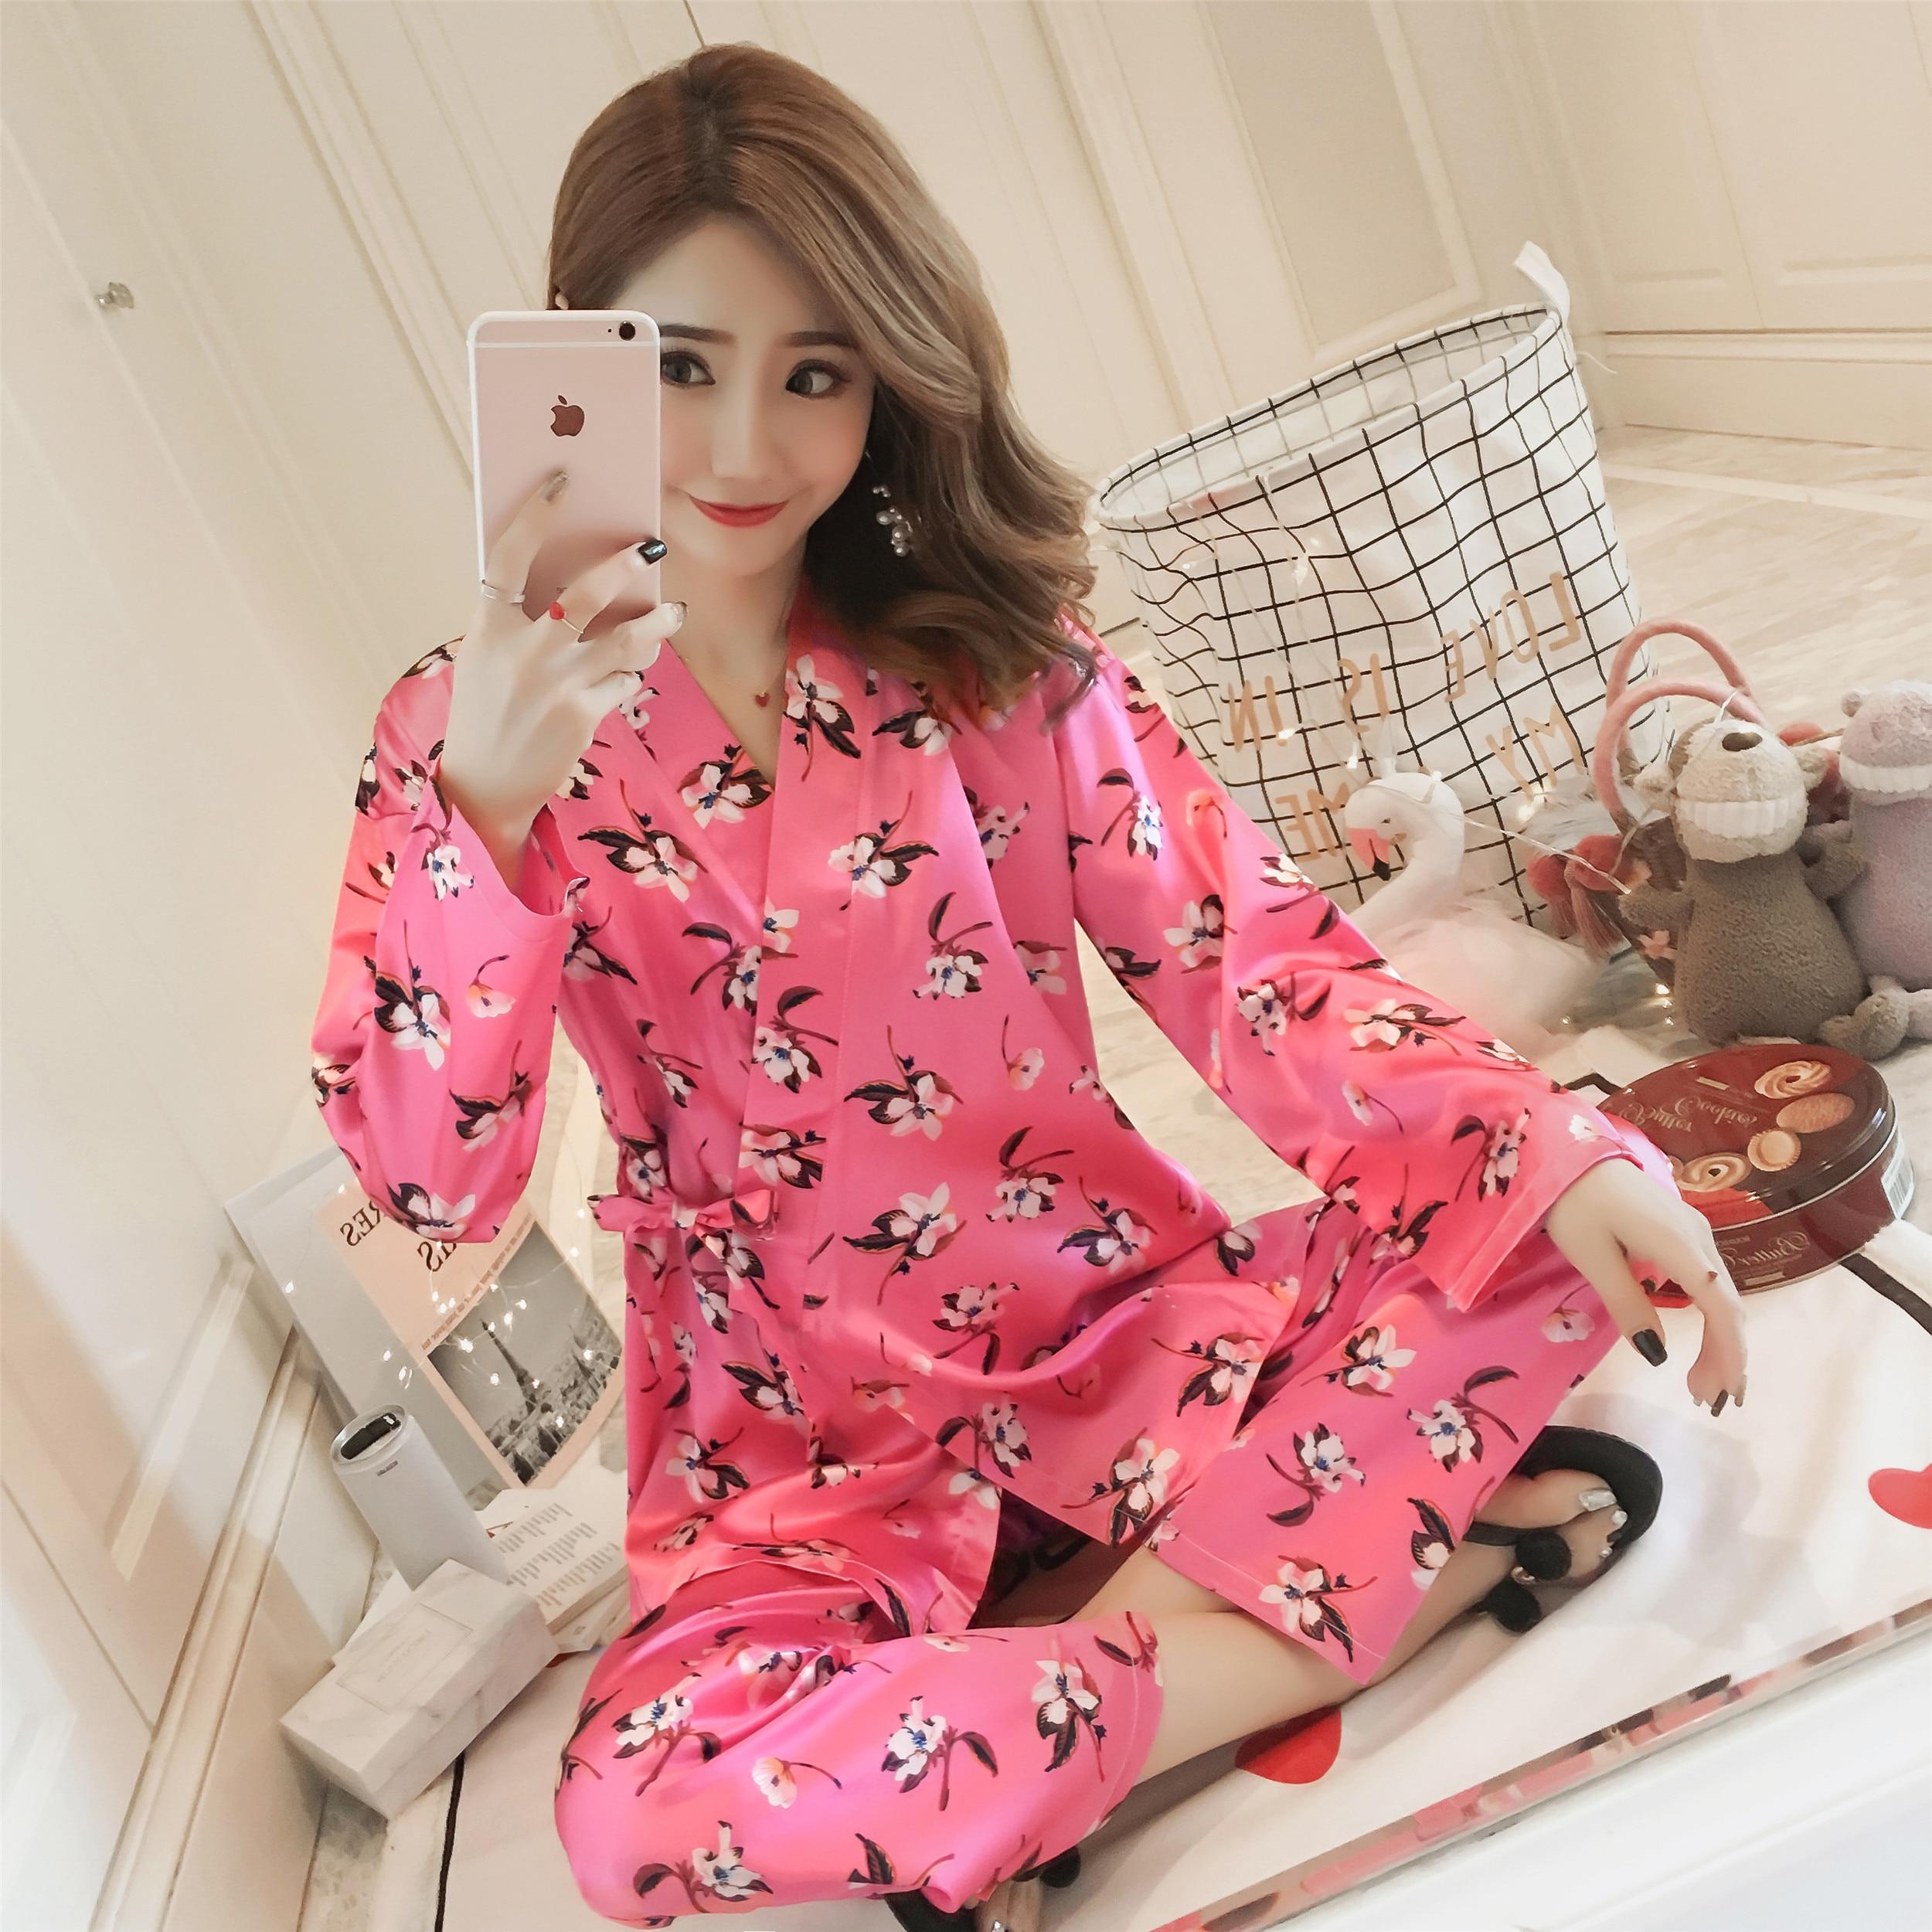 WAVMIT 2018 Autumn Winter Silk   Pajamas     Set   Women Sleep Kimono Bathroom Pijama Women   Pajama     Sets   Long Pant   Set   Robe Women   Pajamas